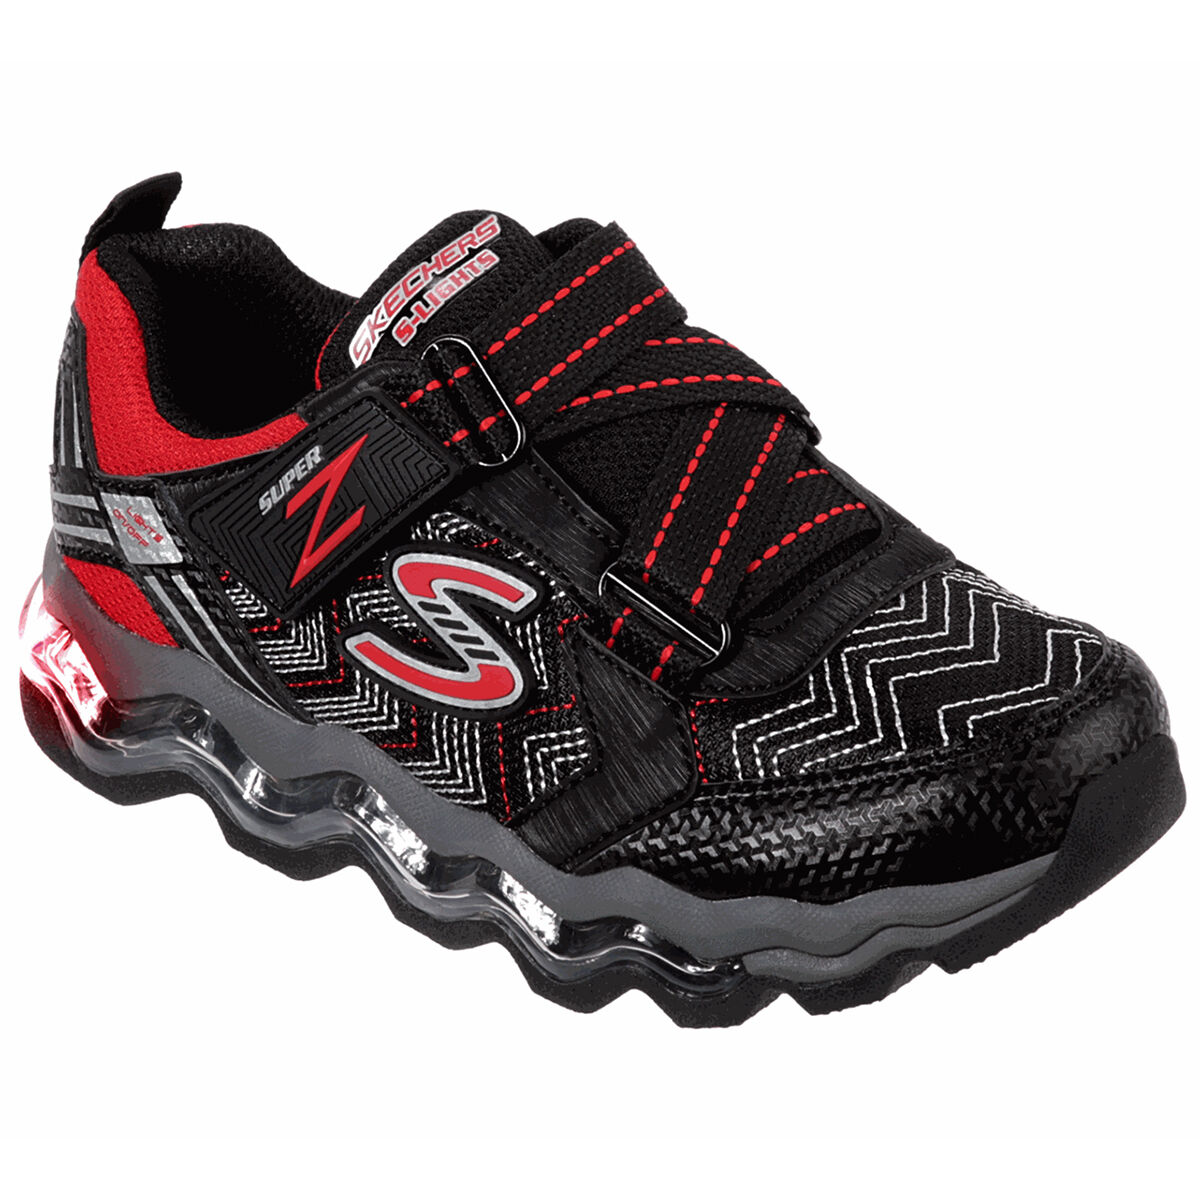 Skechers Boys' S-Lights Turbowave Sneakers - Black, 1.5